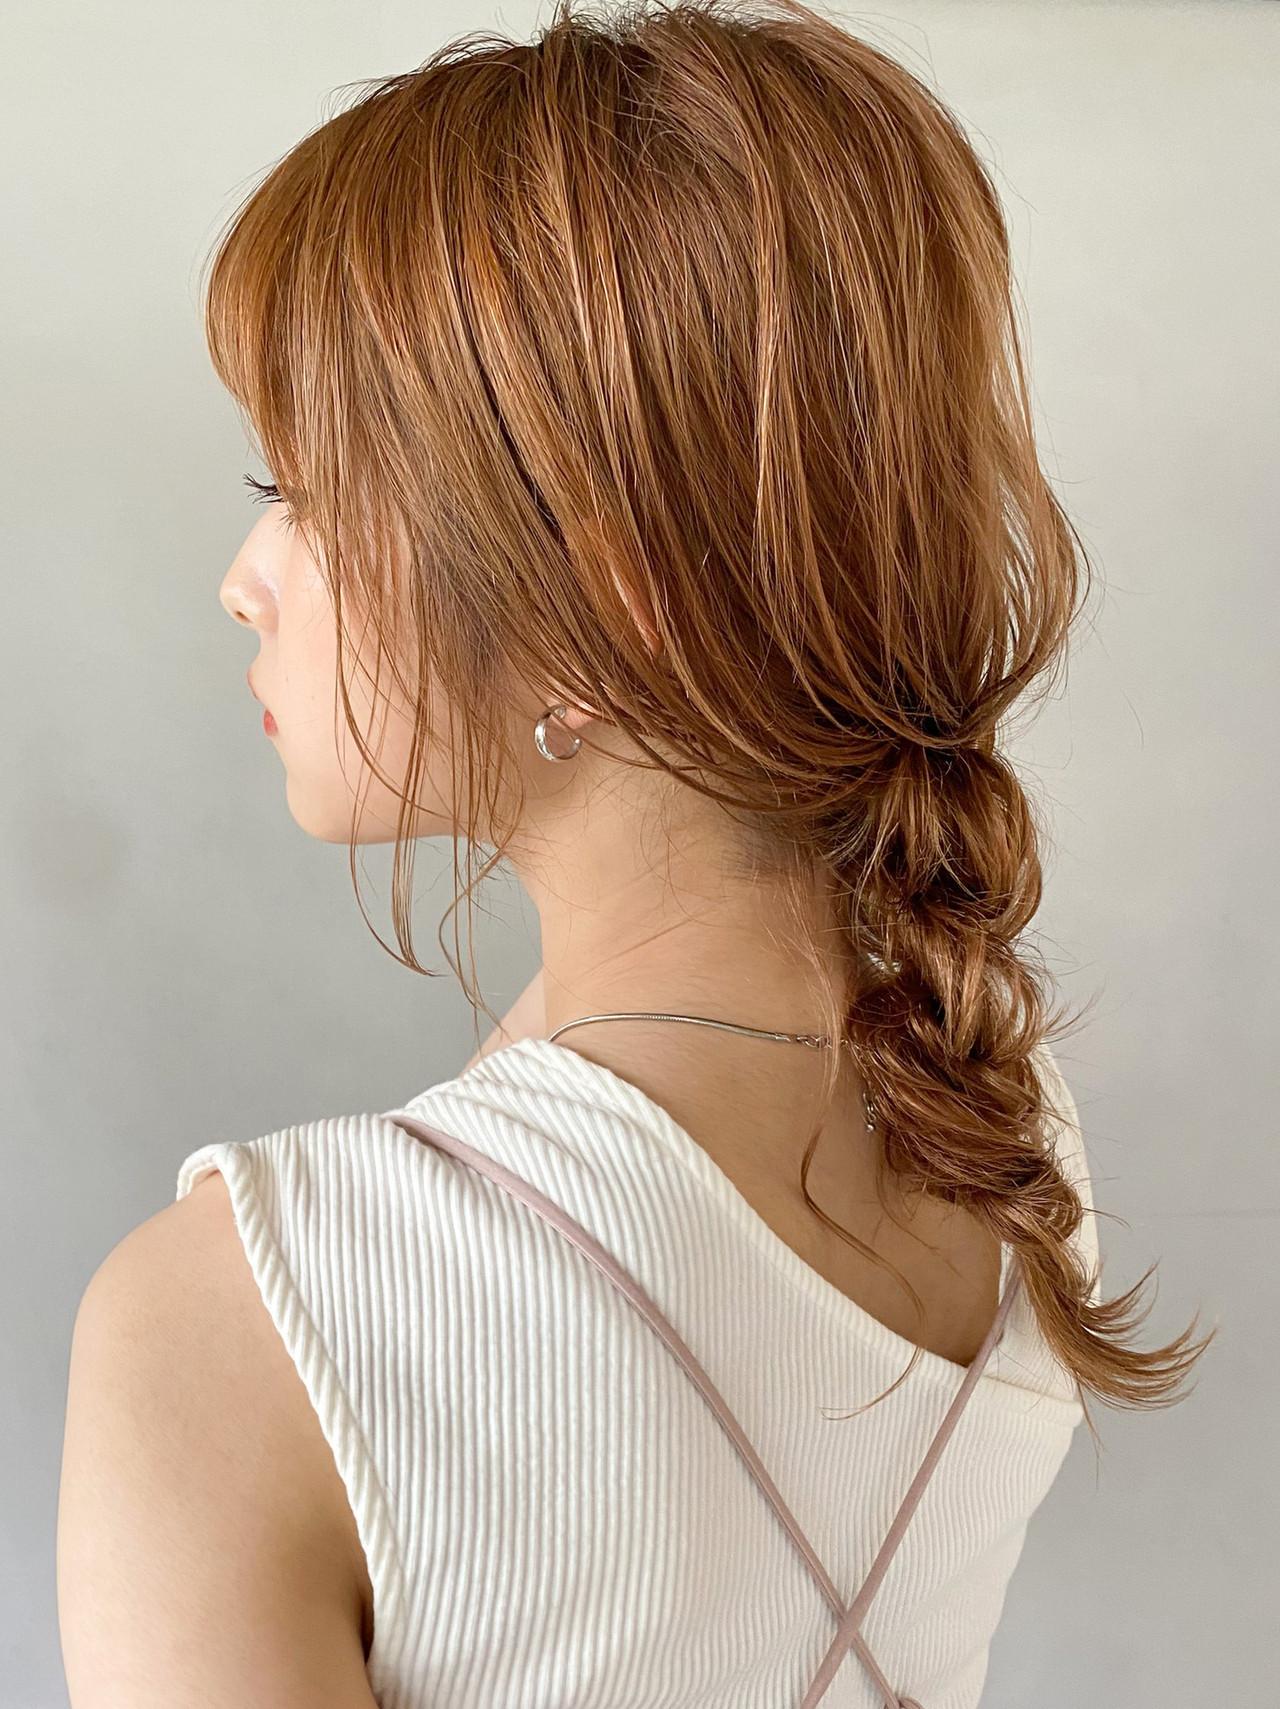 アンニュイほつれヘア フェミニン 大人かわいい 結婚式 ヘアスタイルや髪型の写真・画像 | 二宮 万莉 / kyli 表参道